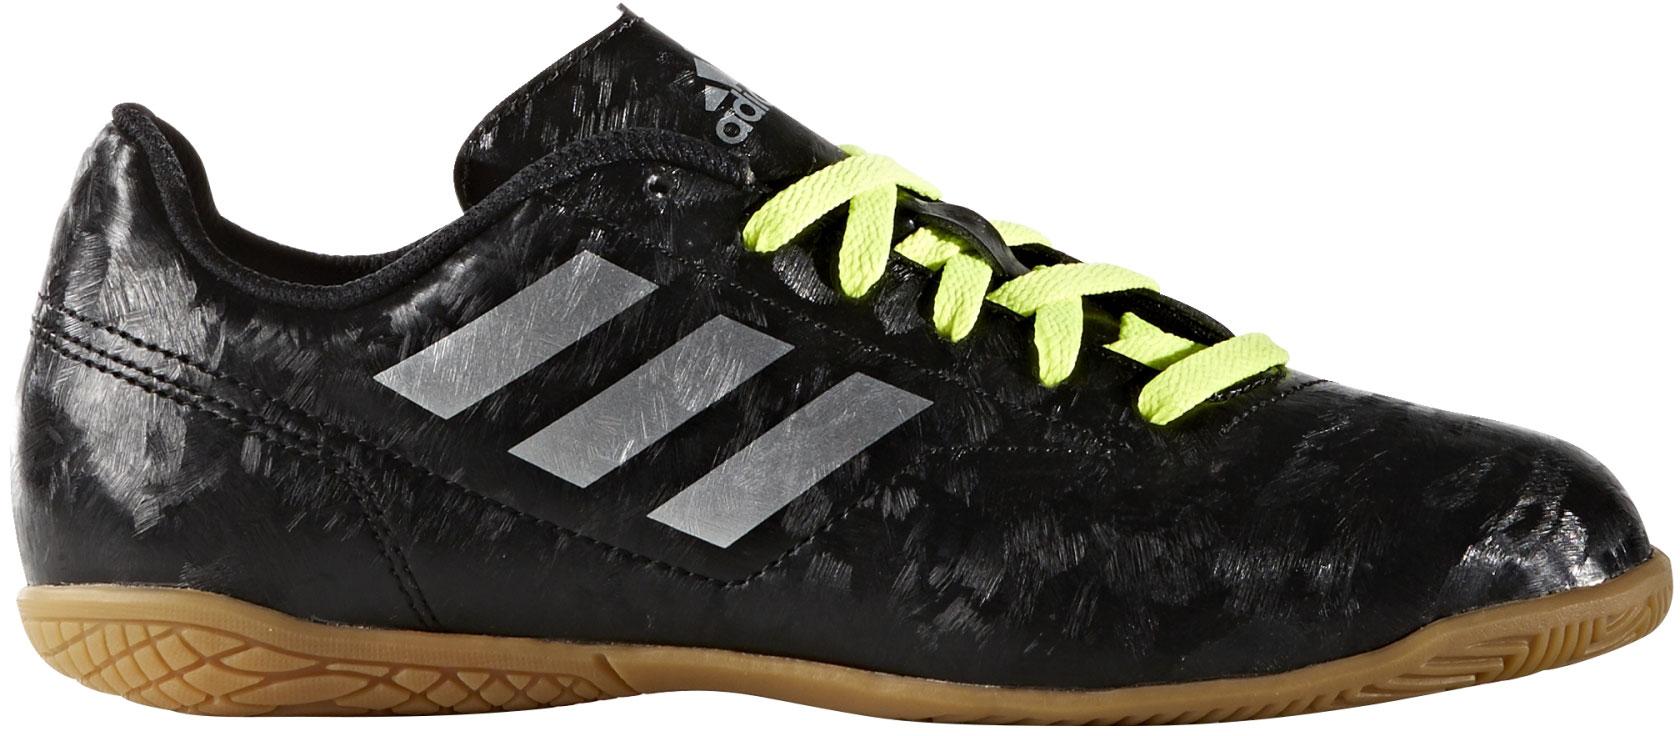 nuevo estilo 100% de alta calidad mejor mayorista adidas CONQUISTO II IN J | sportisimo.com